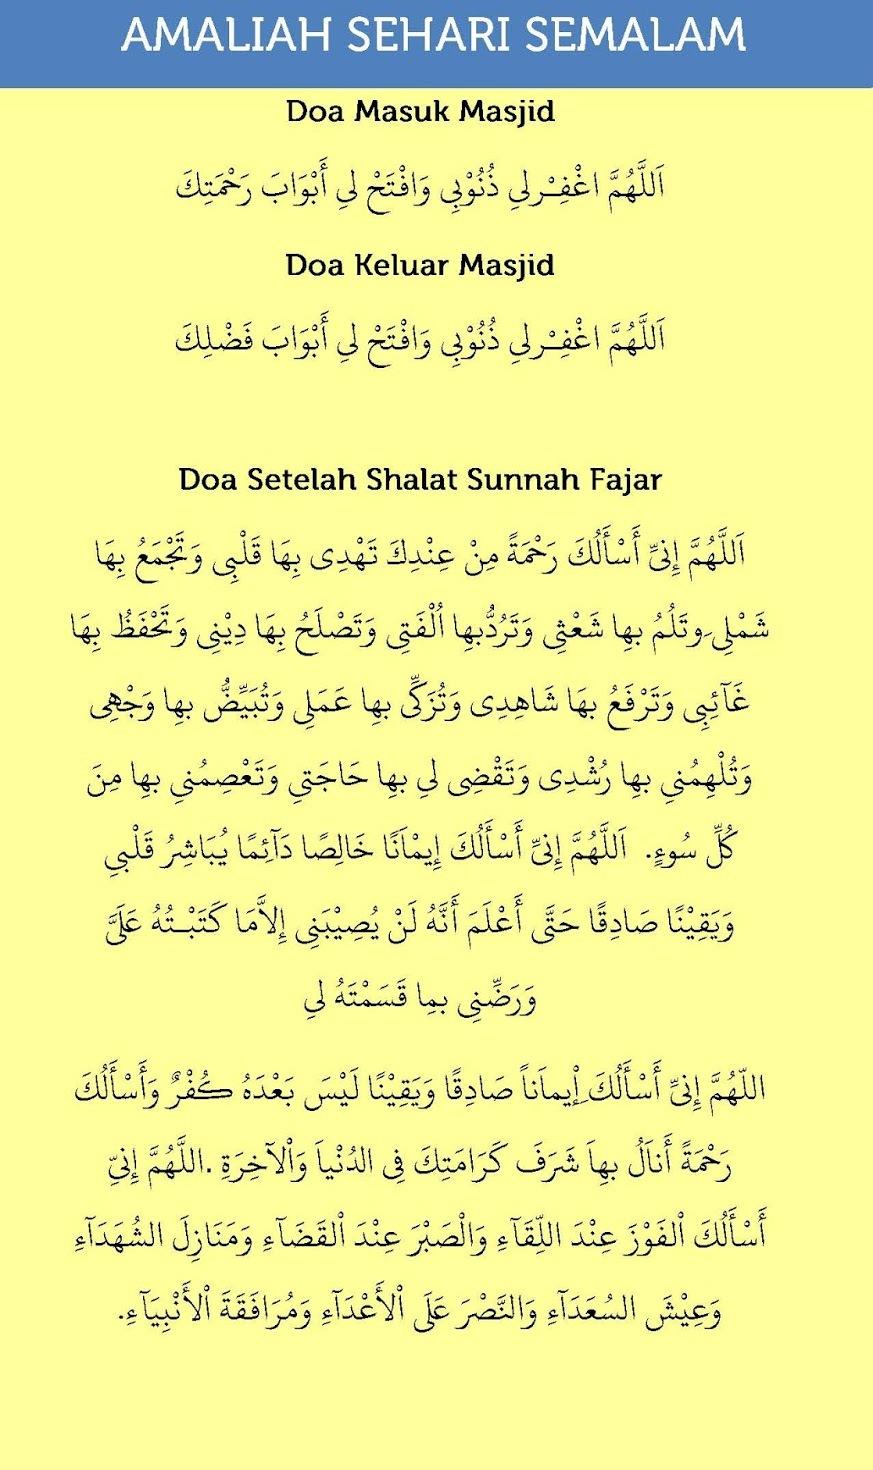 Amaliah Doa Harian (Sehari Semalam) Dalam Kitab Bidayatul Hidayah